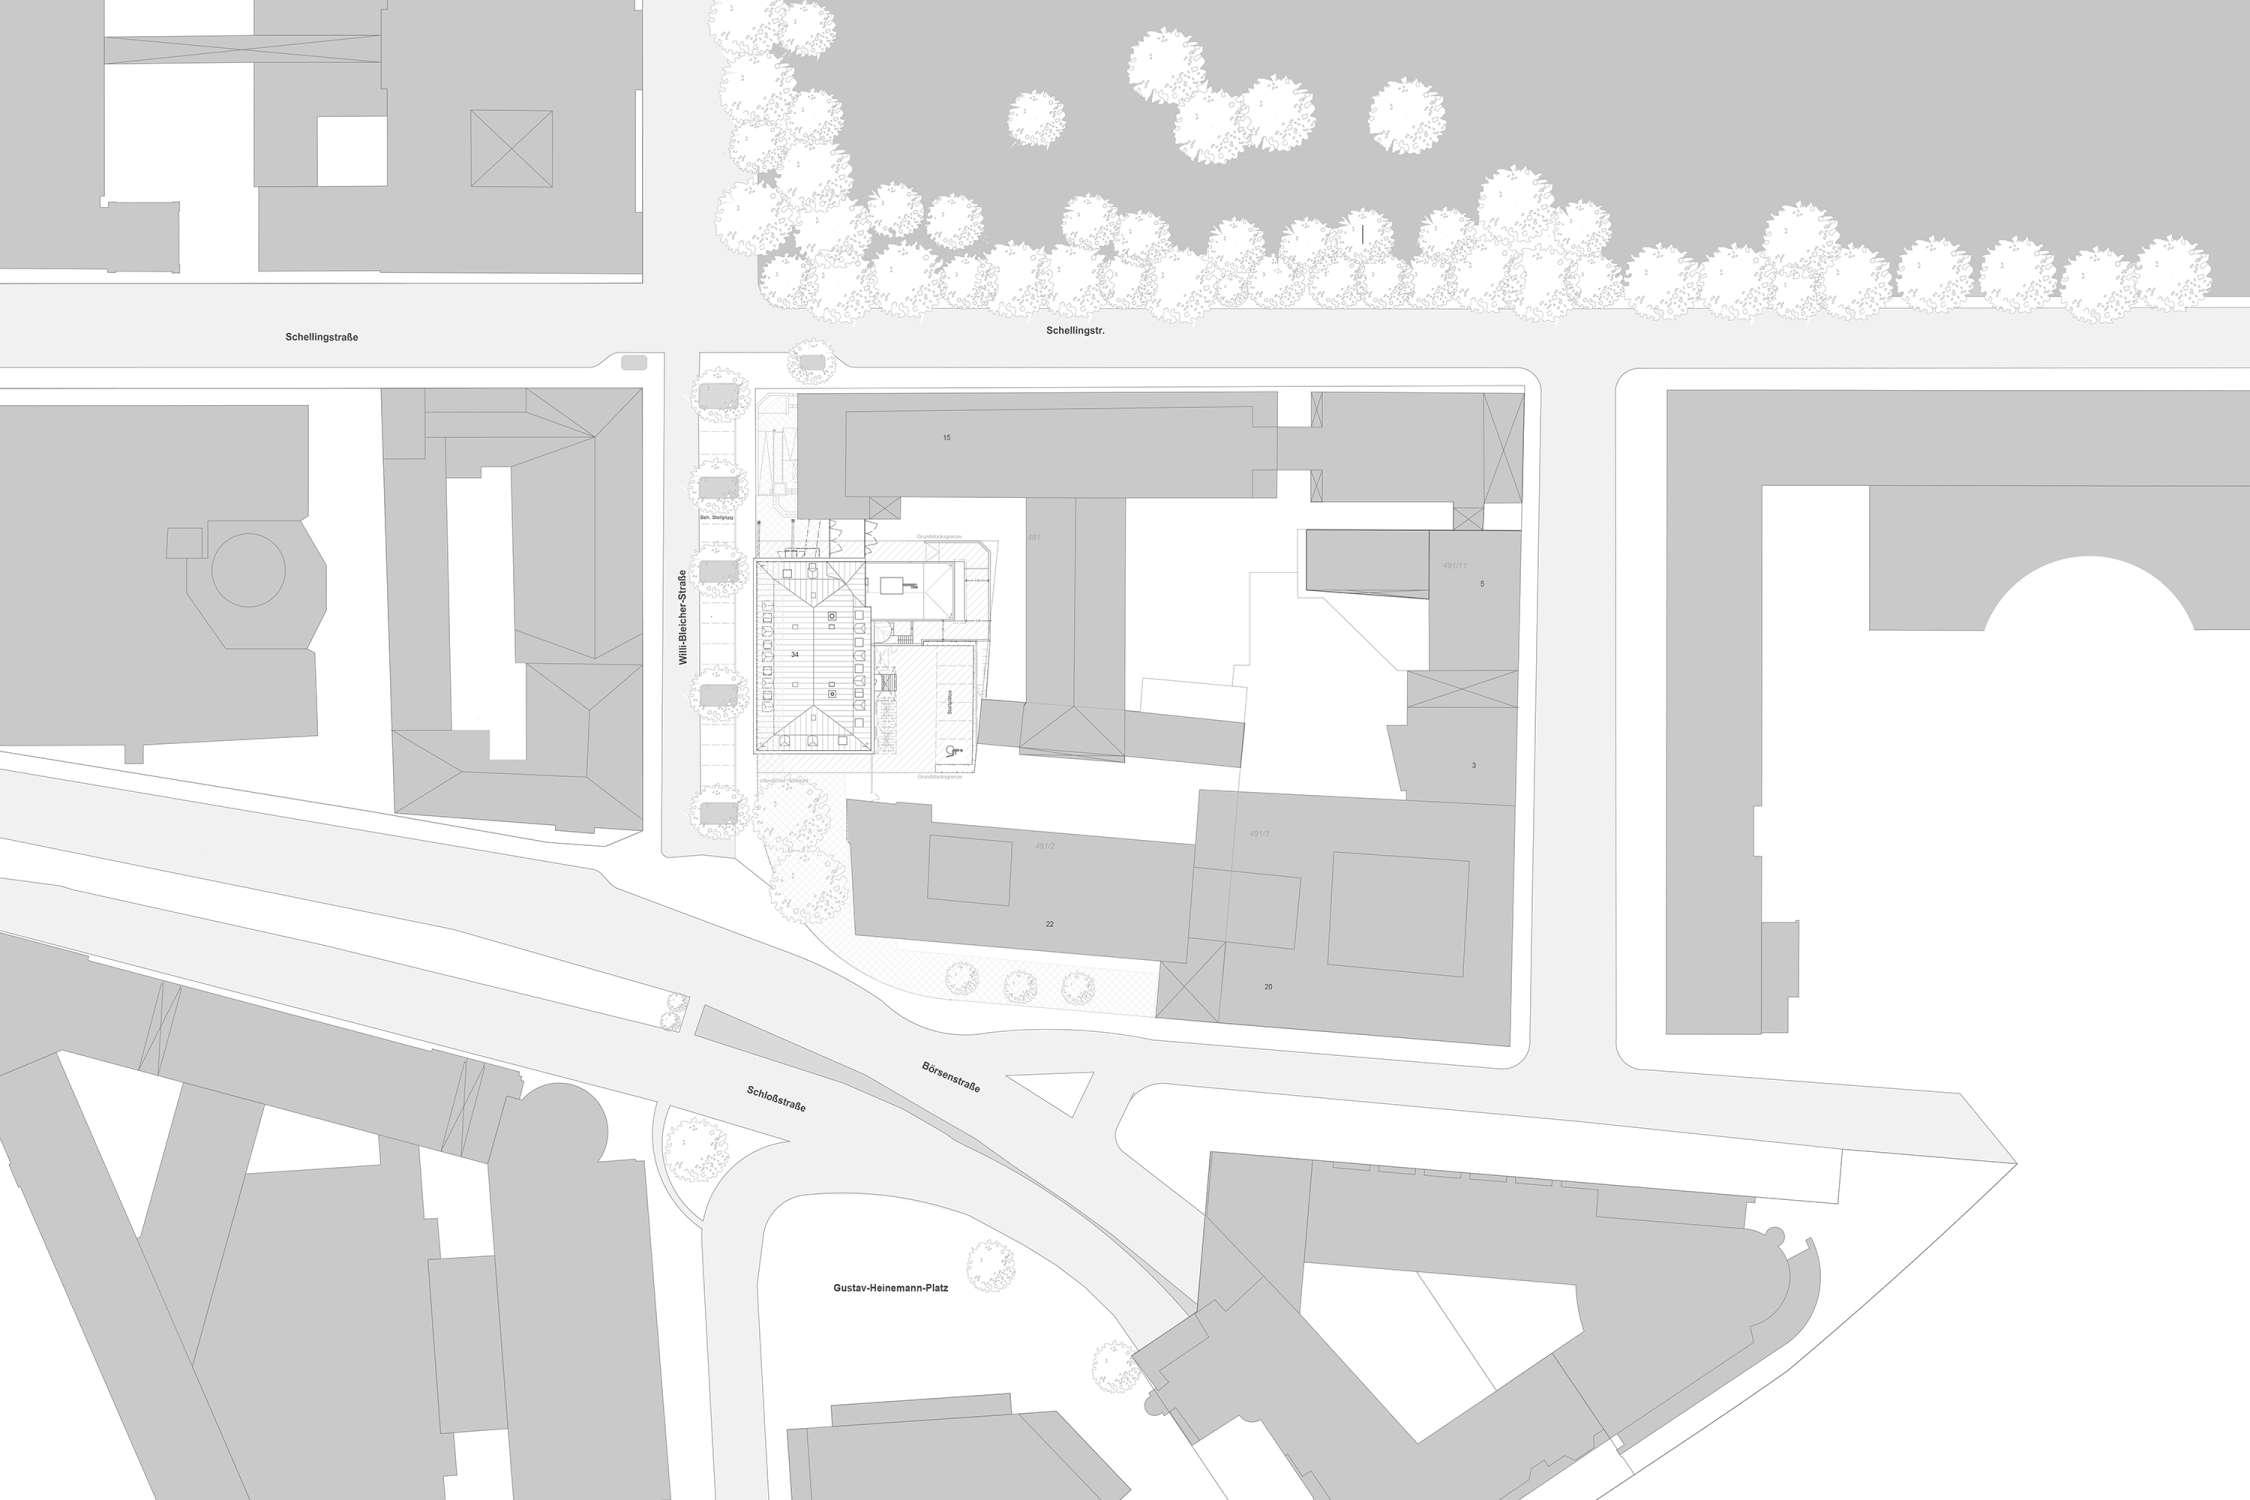 Umbau und denkmalpflegerische Sanierung Württembergischer Kreditverein (1)